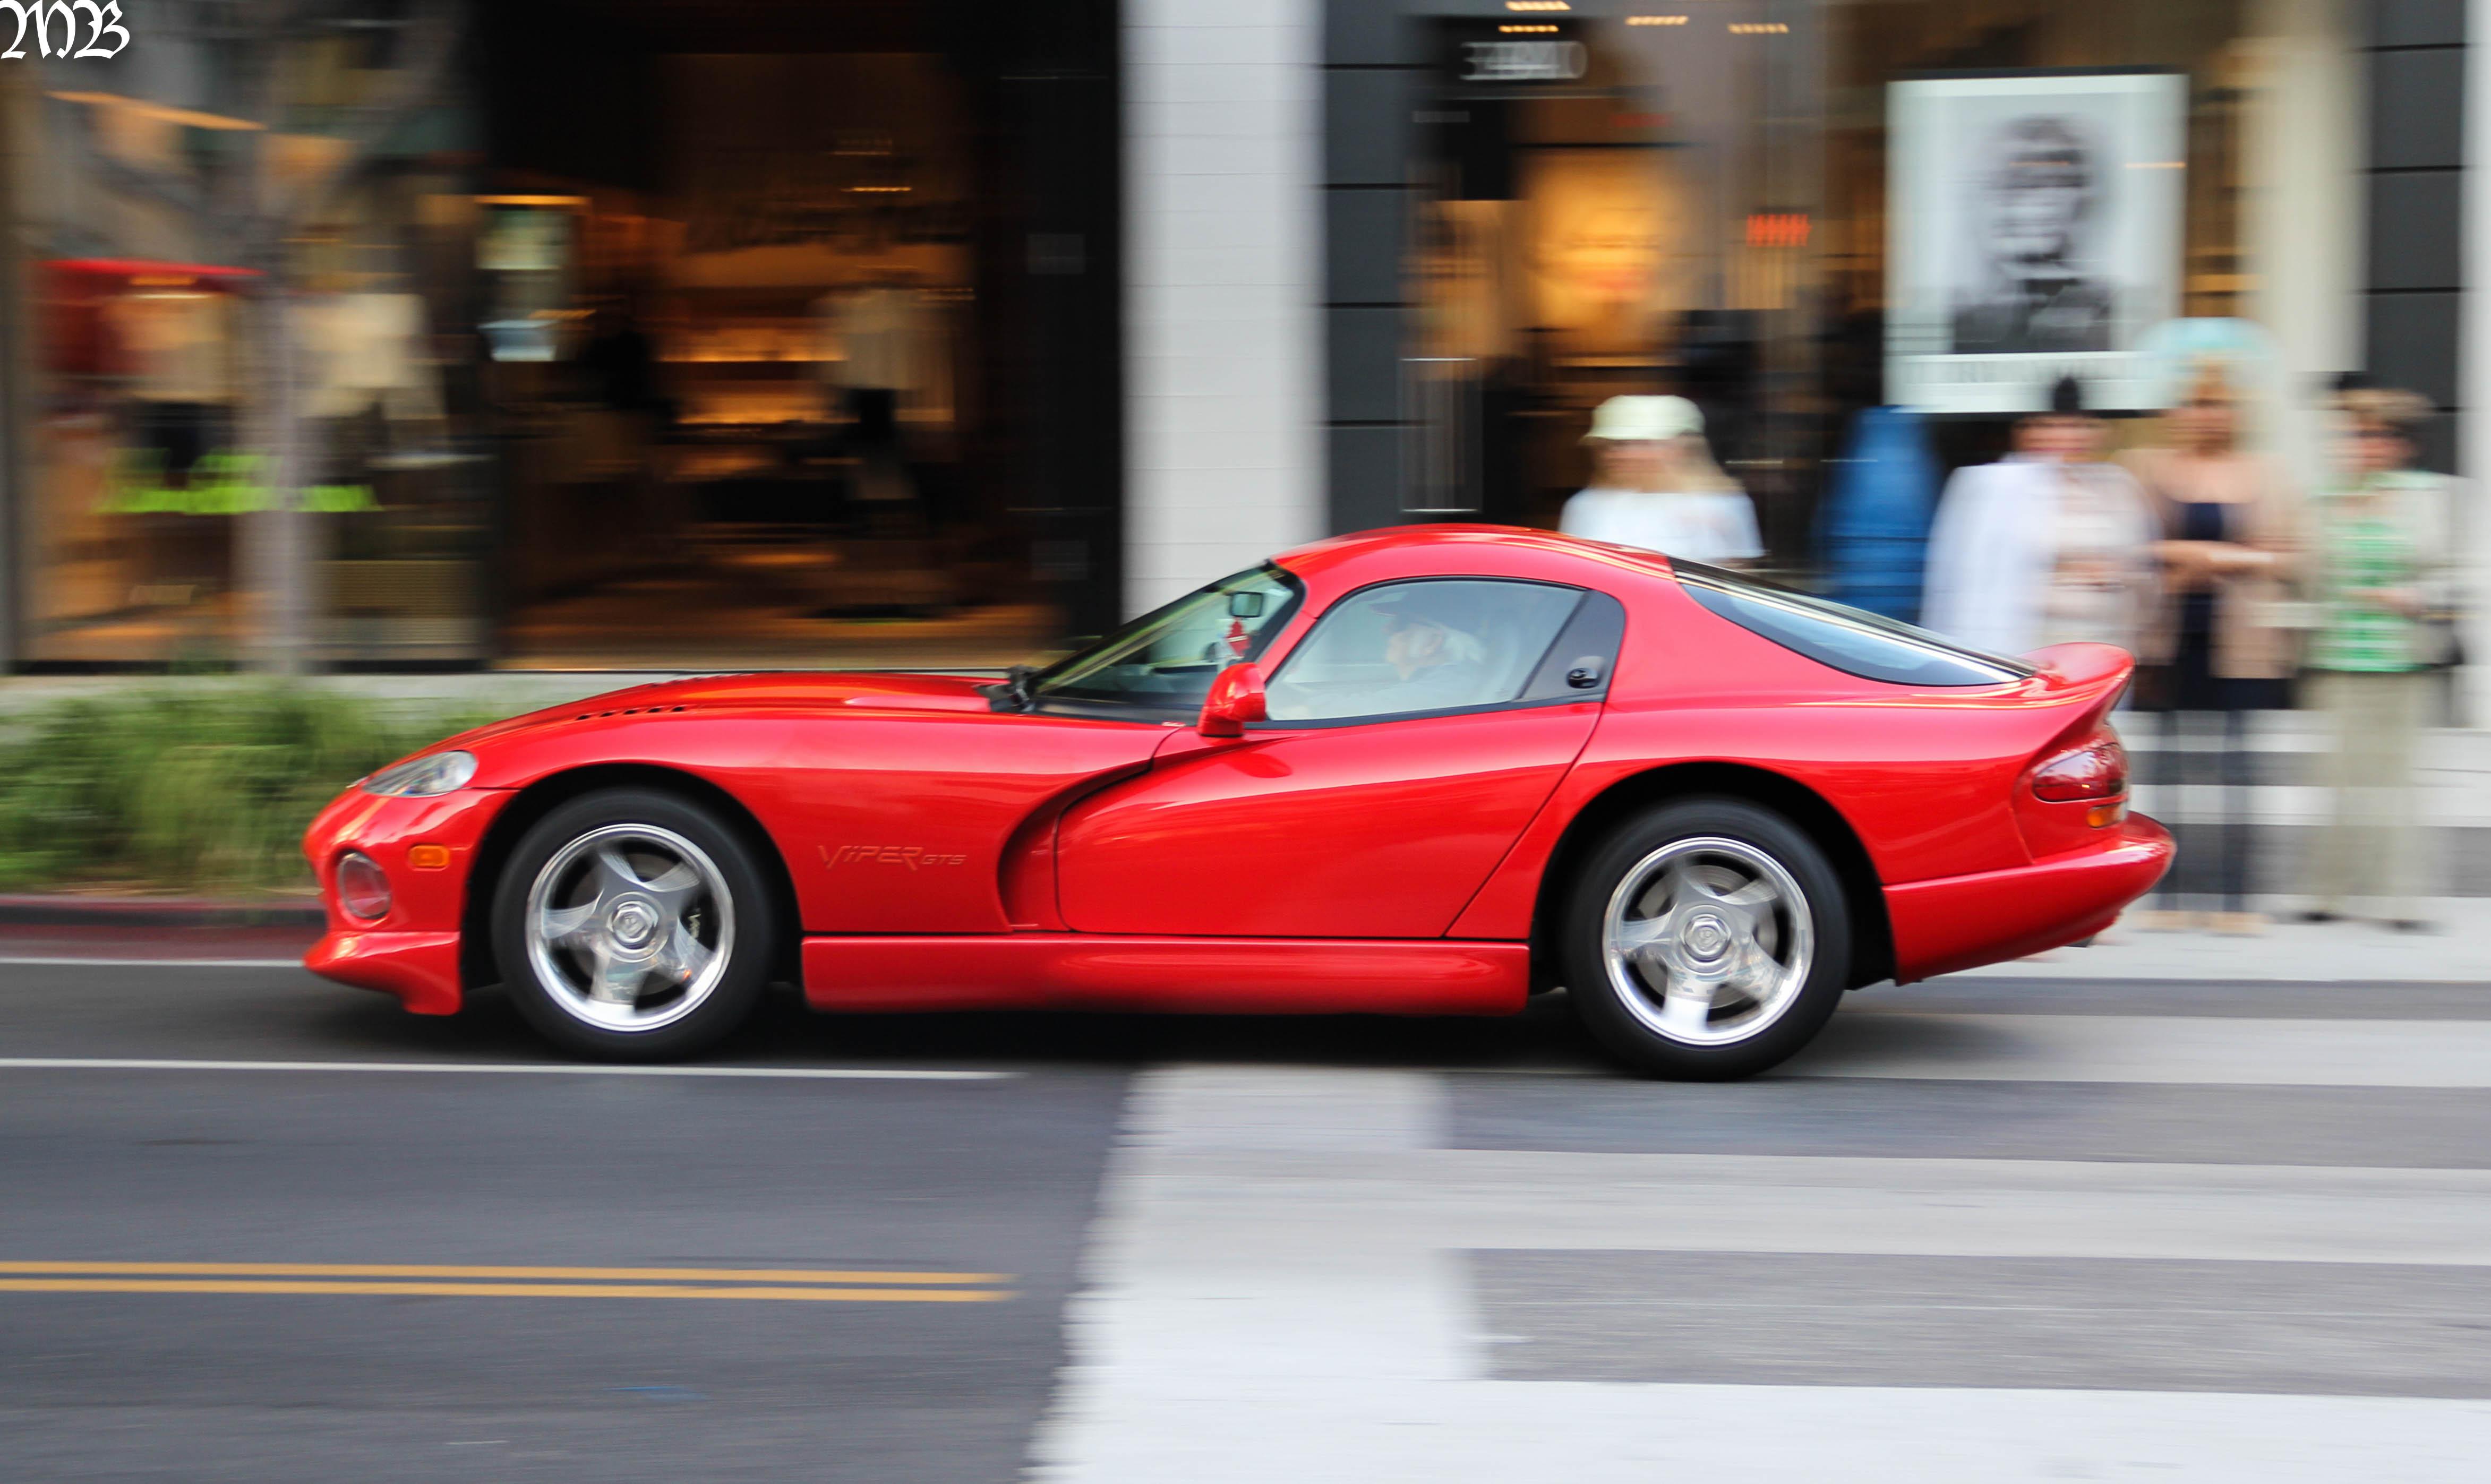 Hintergrundbilder : Kalifornien, rot, Autos, schön, Amerika, Kanon ...